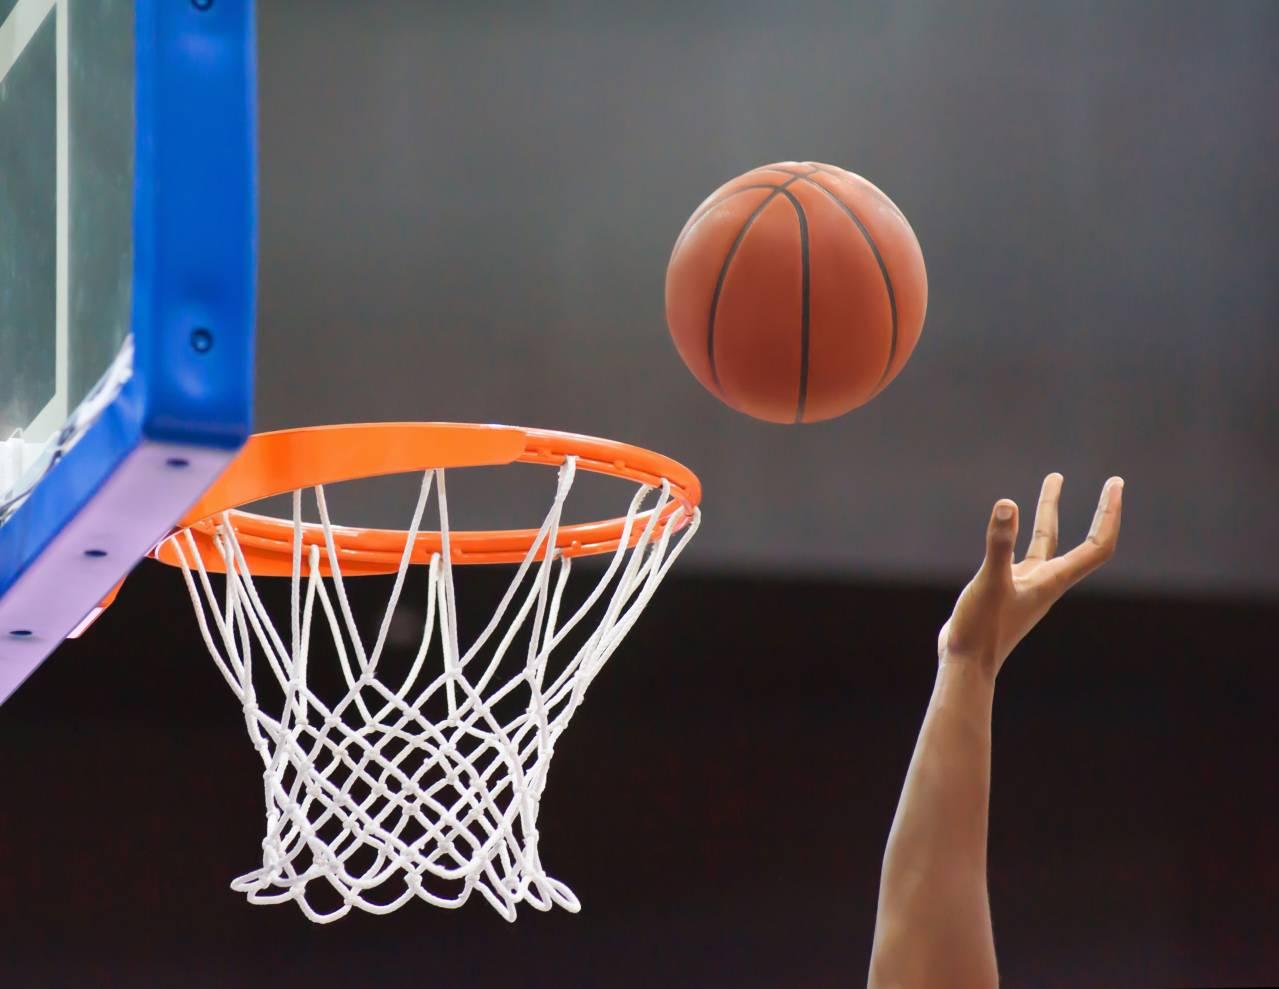 Bola sendo arremessada na cesta de basquete